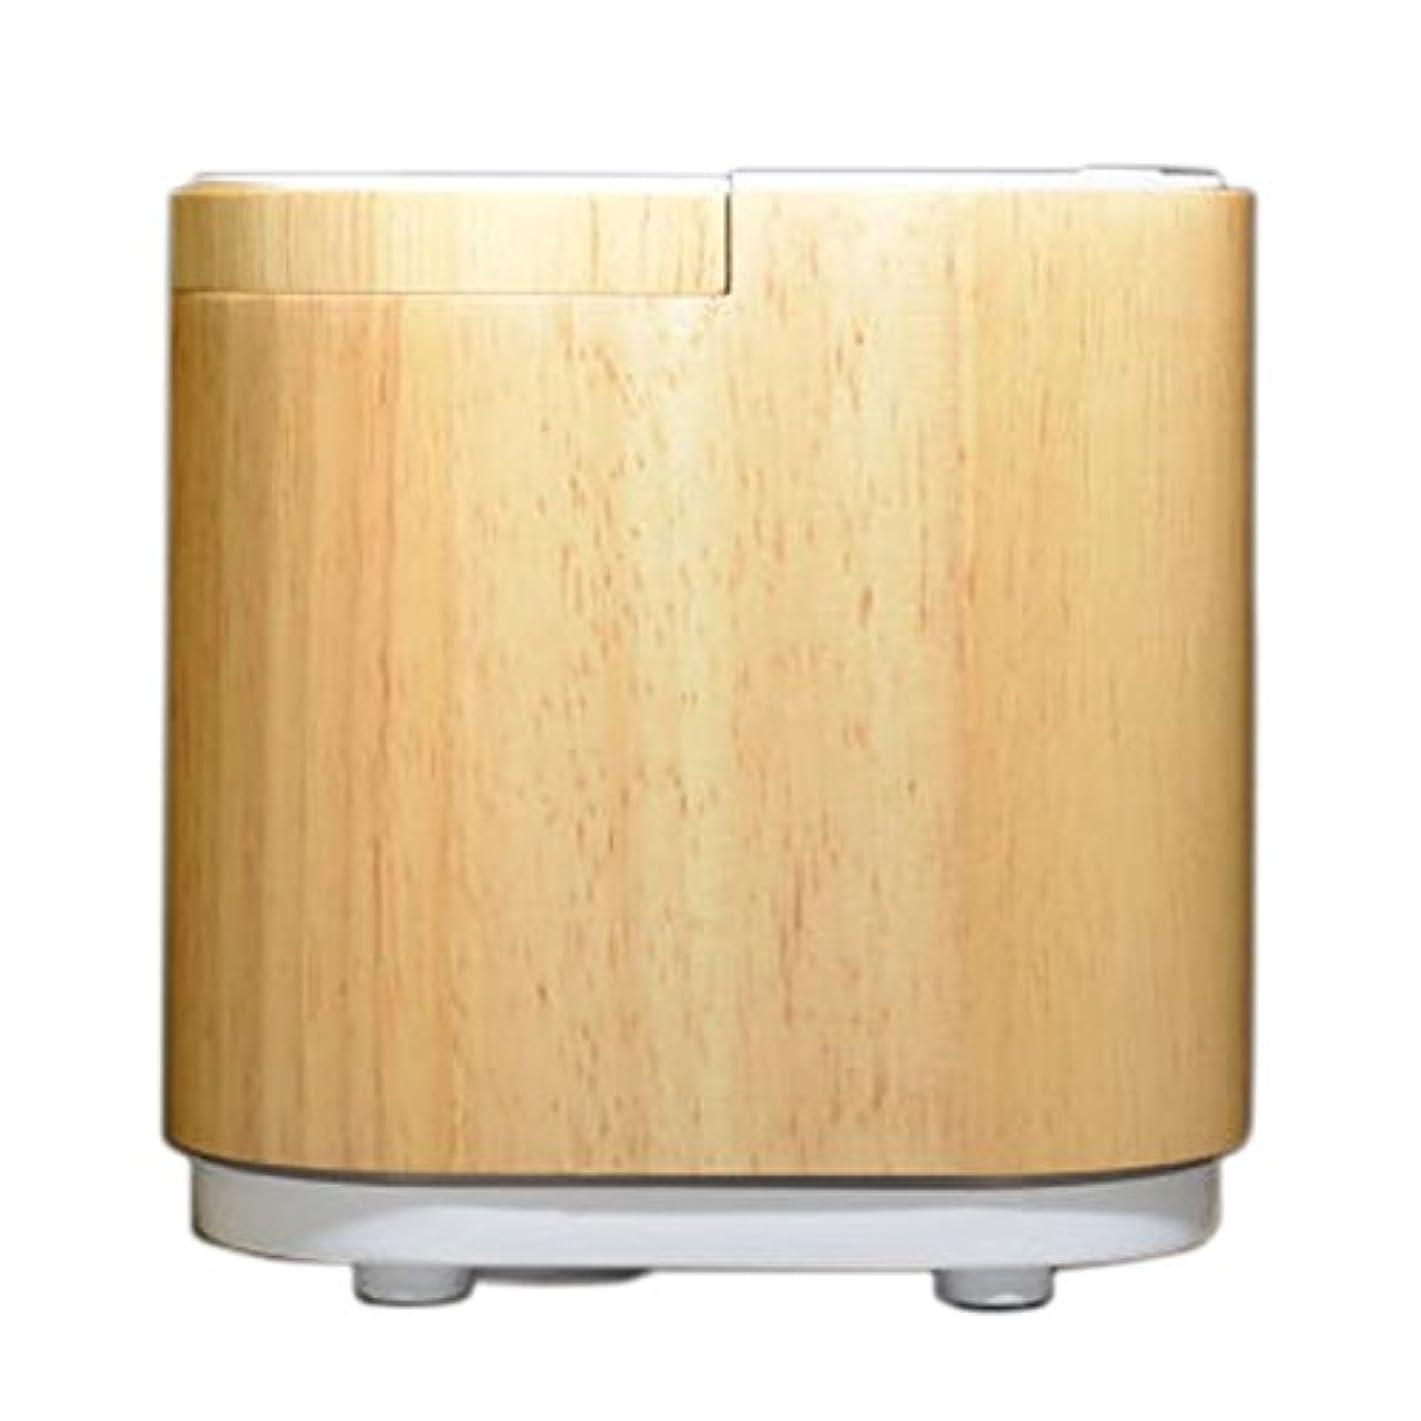 テラス注目すべきロバ生活の木 アロモアウッド [aromore] エッセンシャルオイルディフューザー アロマディフューザー